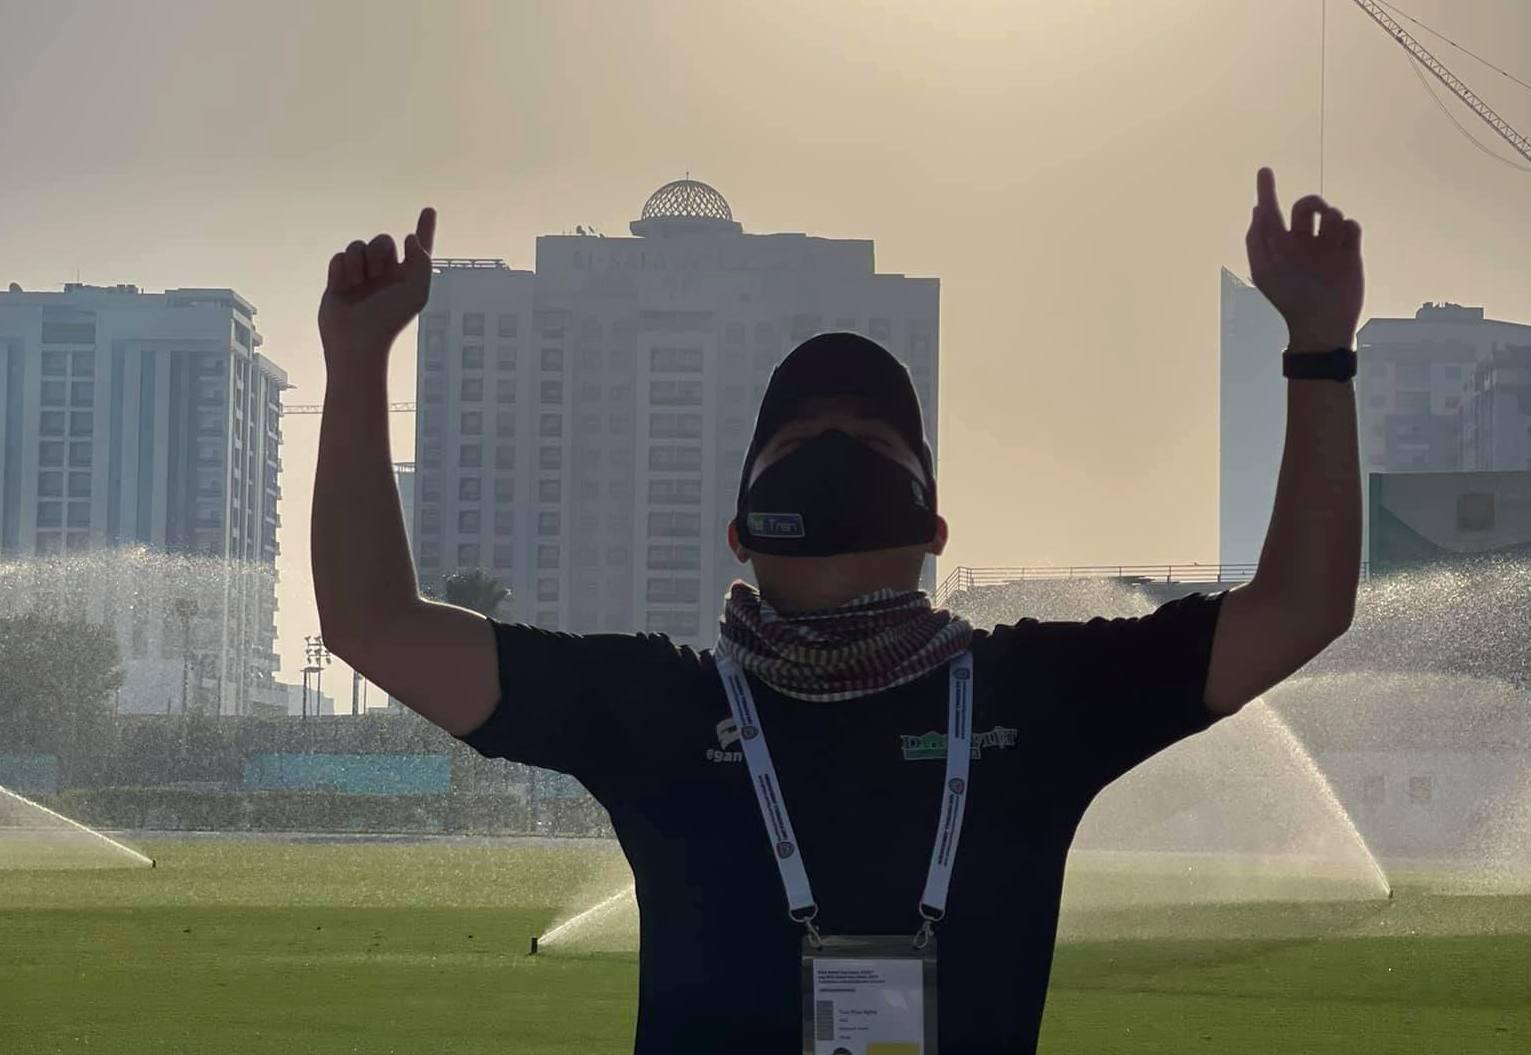 Tâm thư xúc động của phóng viên Việt Nam bị kẹt lại ở UAE